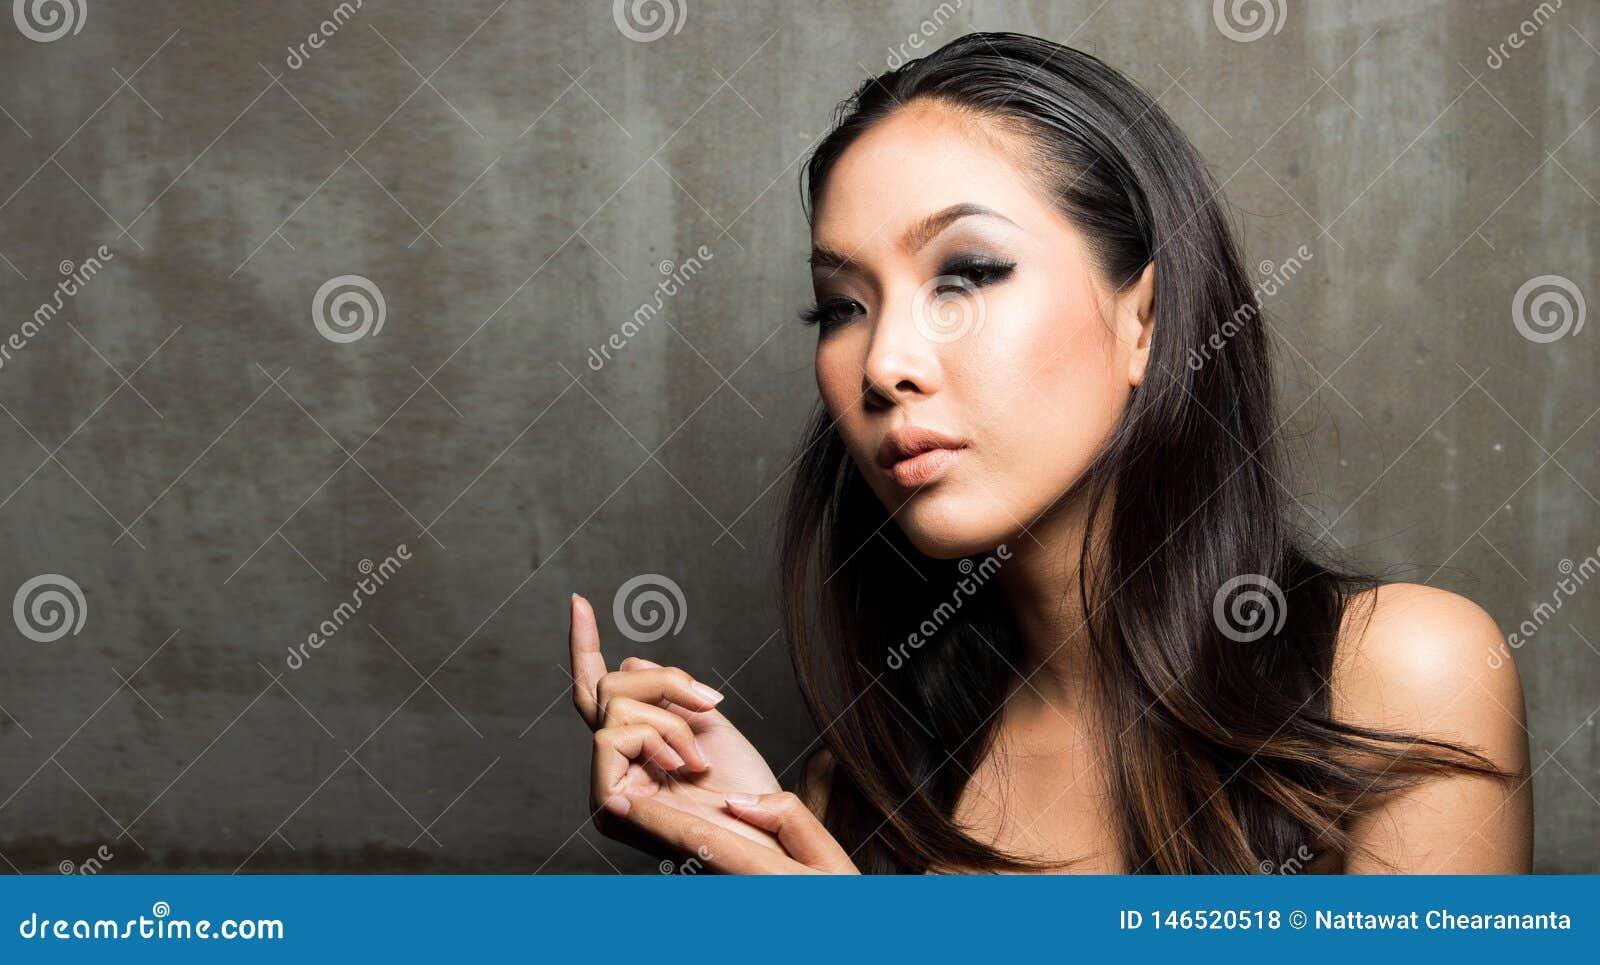 Utgör den öppna skuldran för kvinnan, mode våt blick